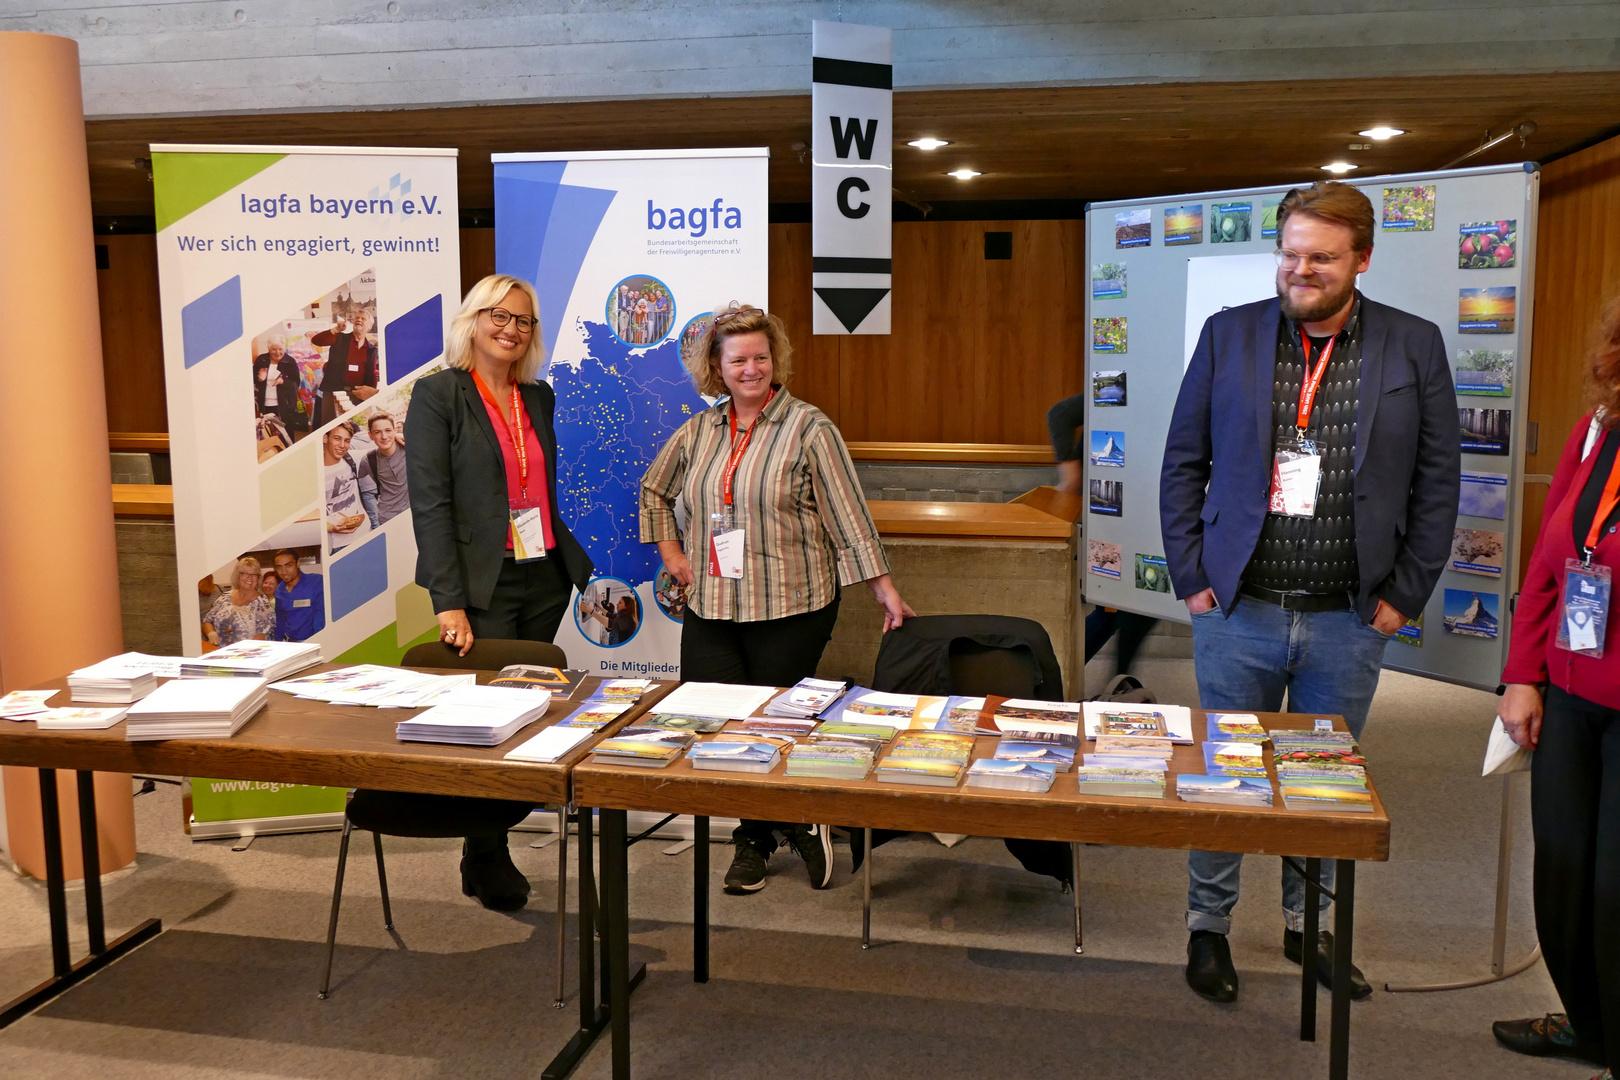 Welt-Jugendfreiwilligenforum 2018 Augsburg / Deutschland - 17.10.2018 Kongress am Park - Foto: Christoph Urban - Freiwilligen-Zentrum Augsburg